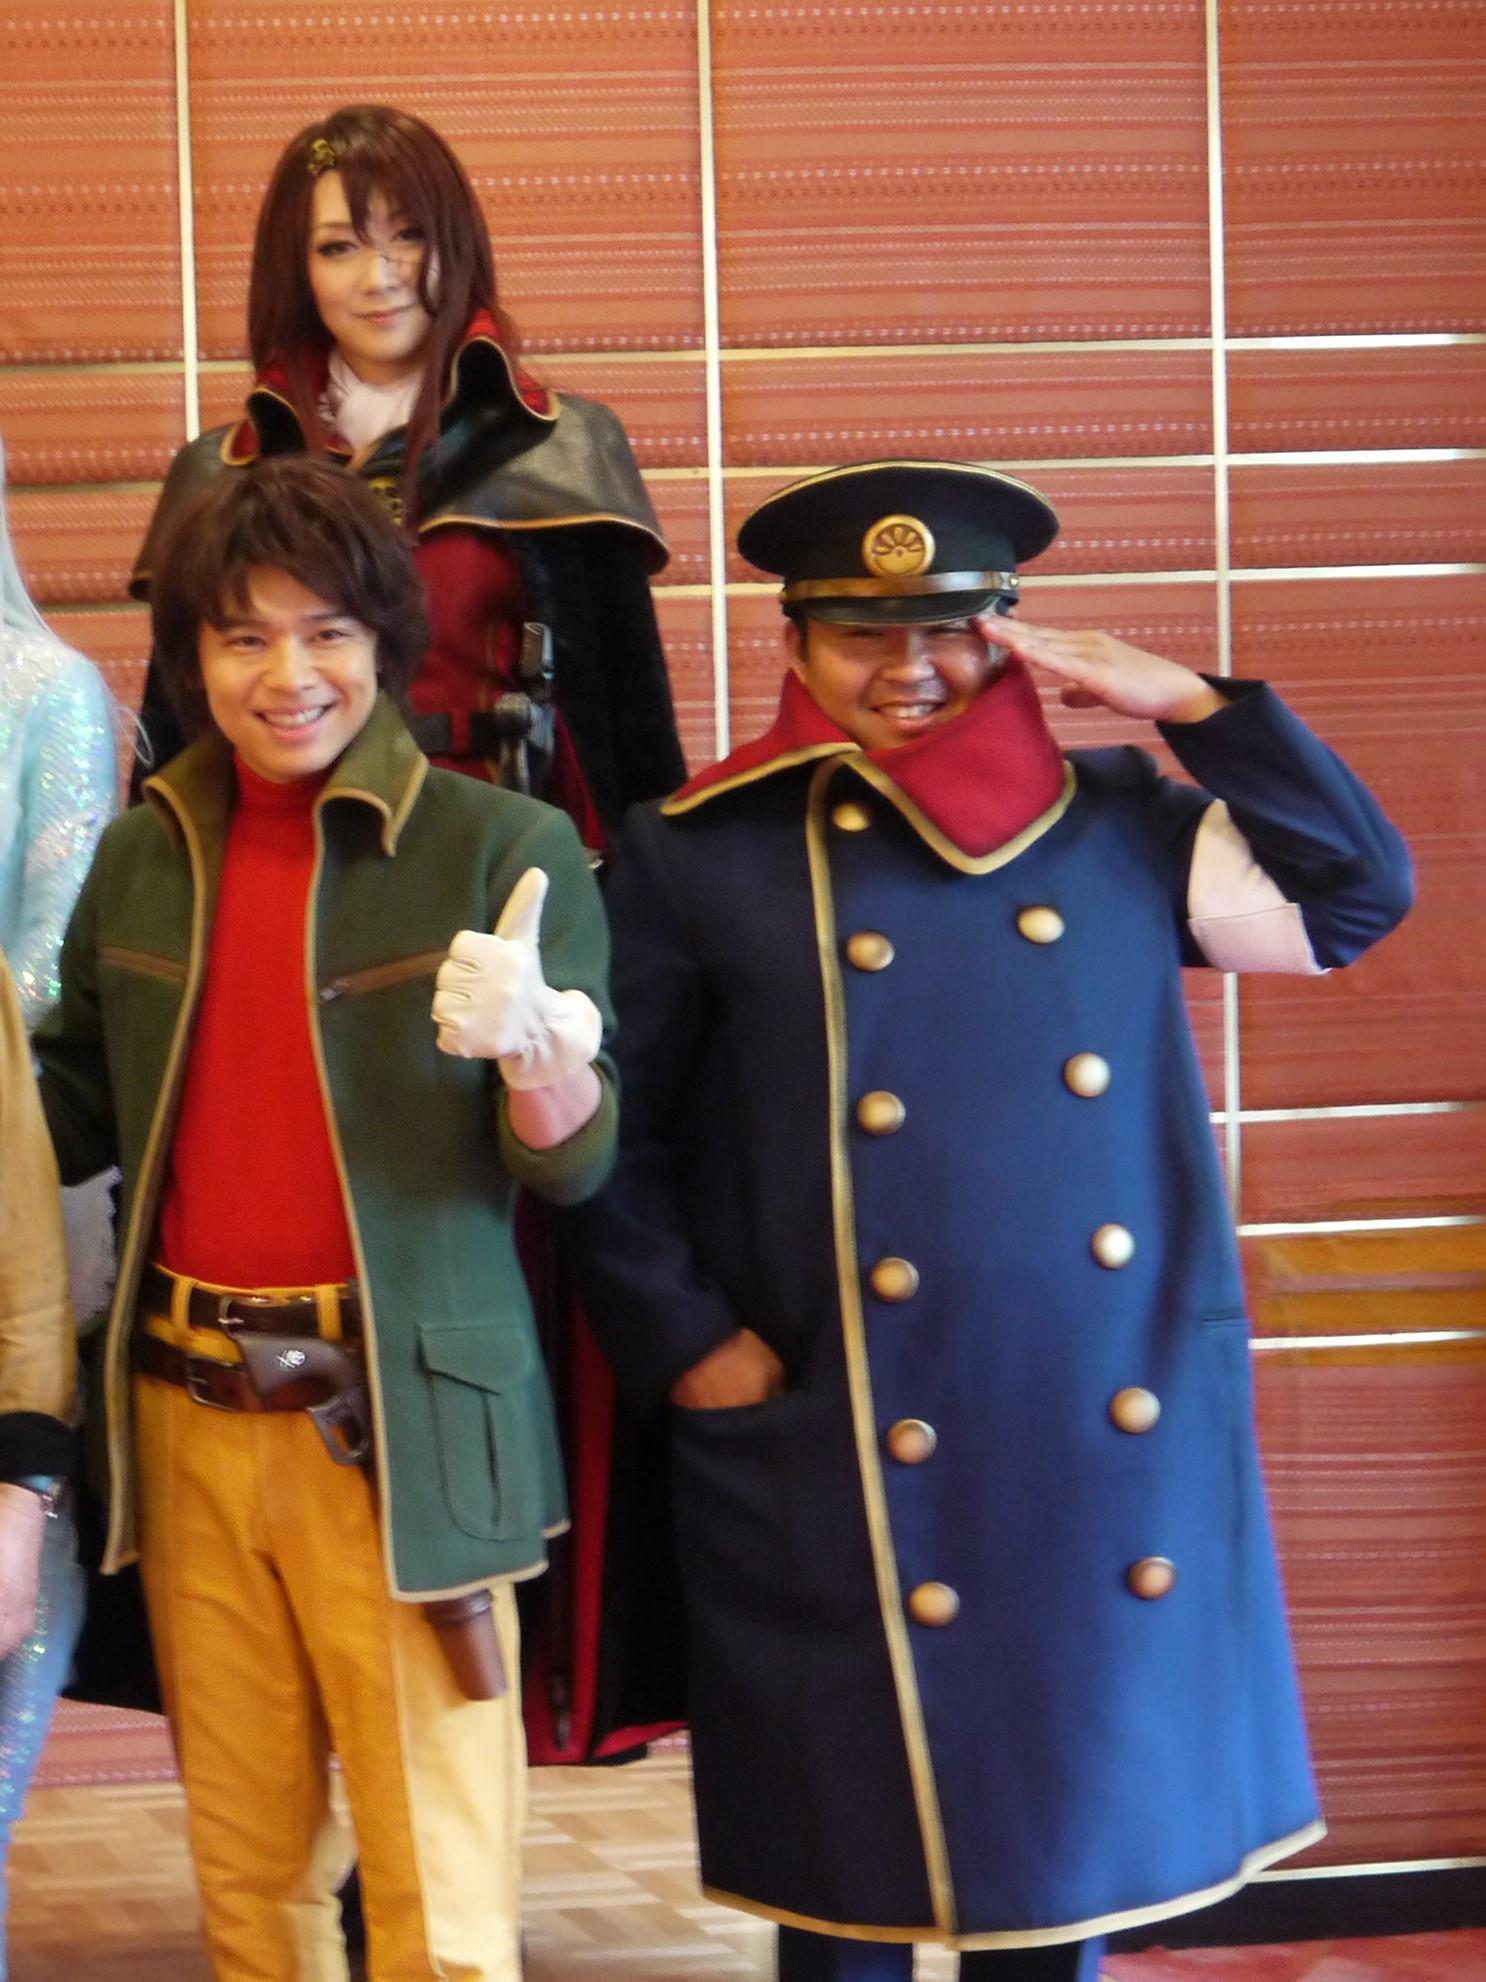 中川晃教(写真左)につられて思わず笑顔になる凰稀かなめ(写真後)とお宮の松(写真右)